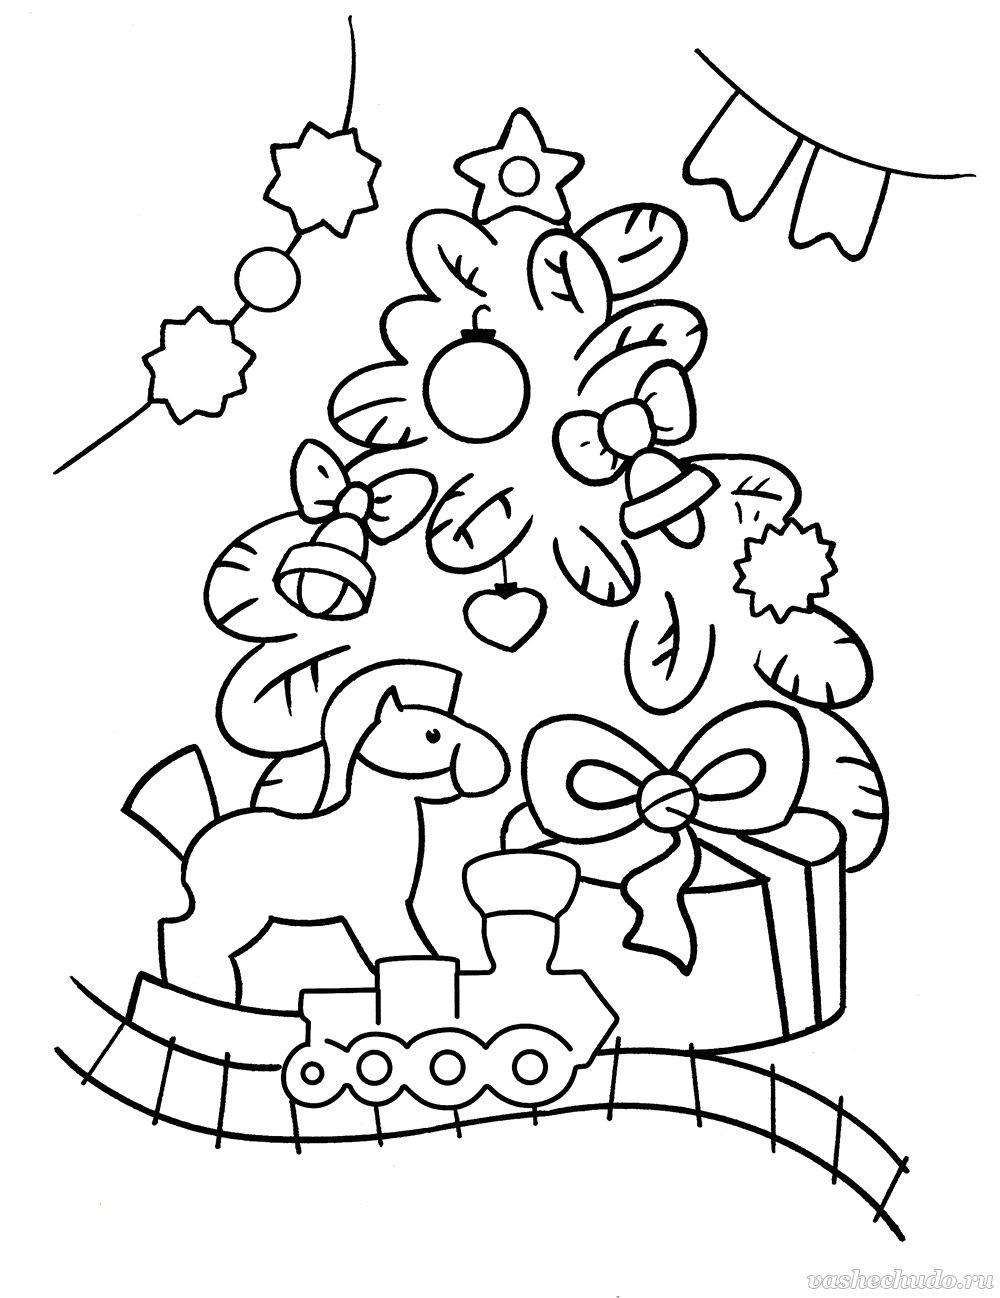 Раскраска для детей 4-6 лет. Новогодняя ёлочка